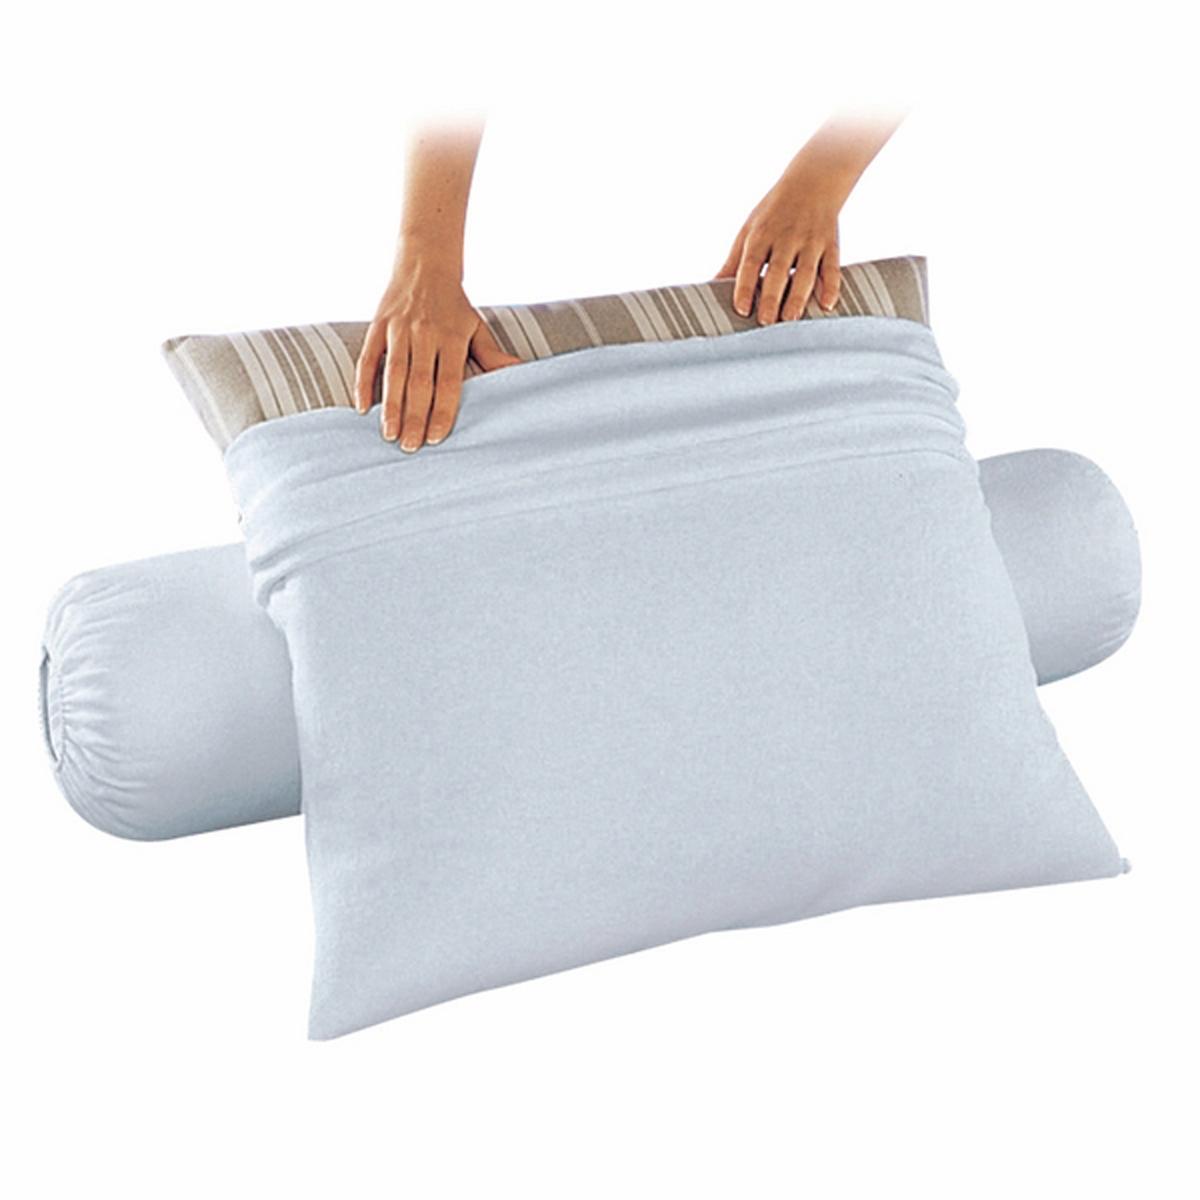 Чехол защитный для подушки, из стретч-мольтона, водонепроницаемый